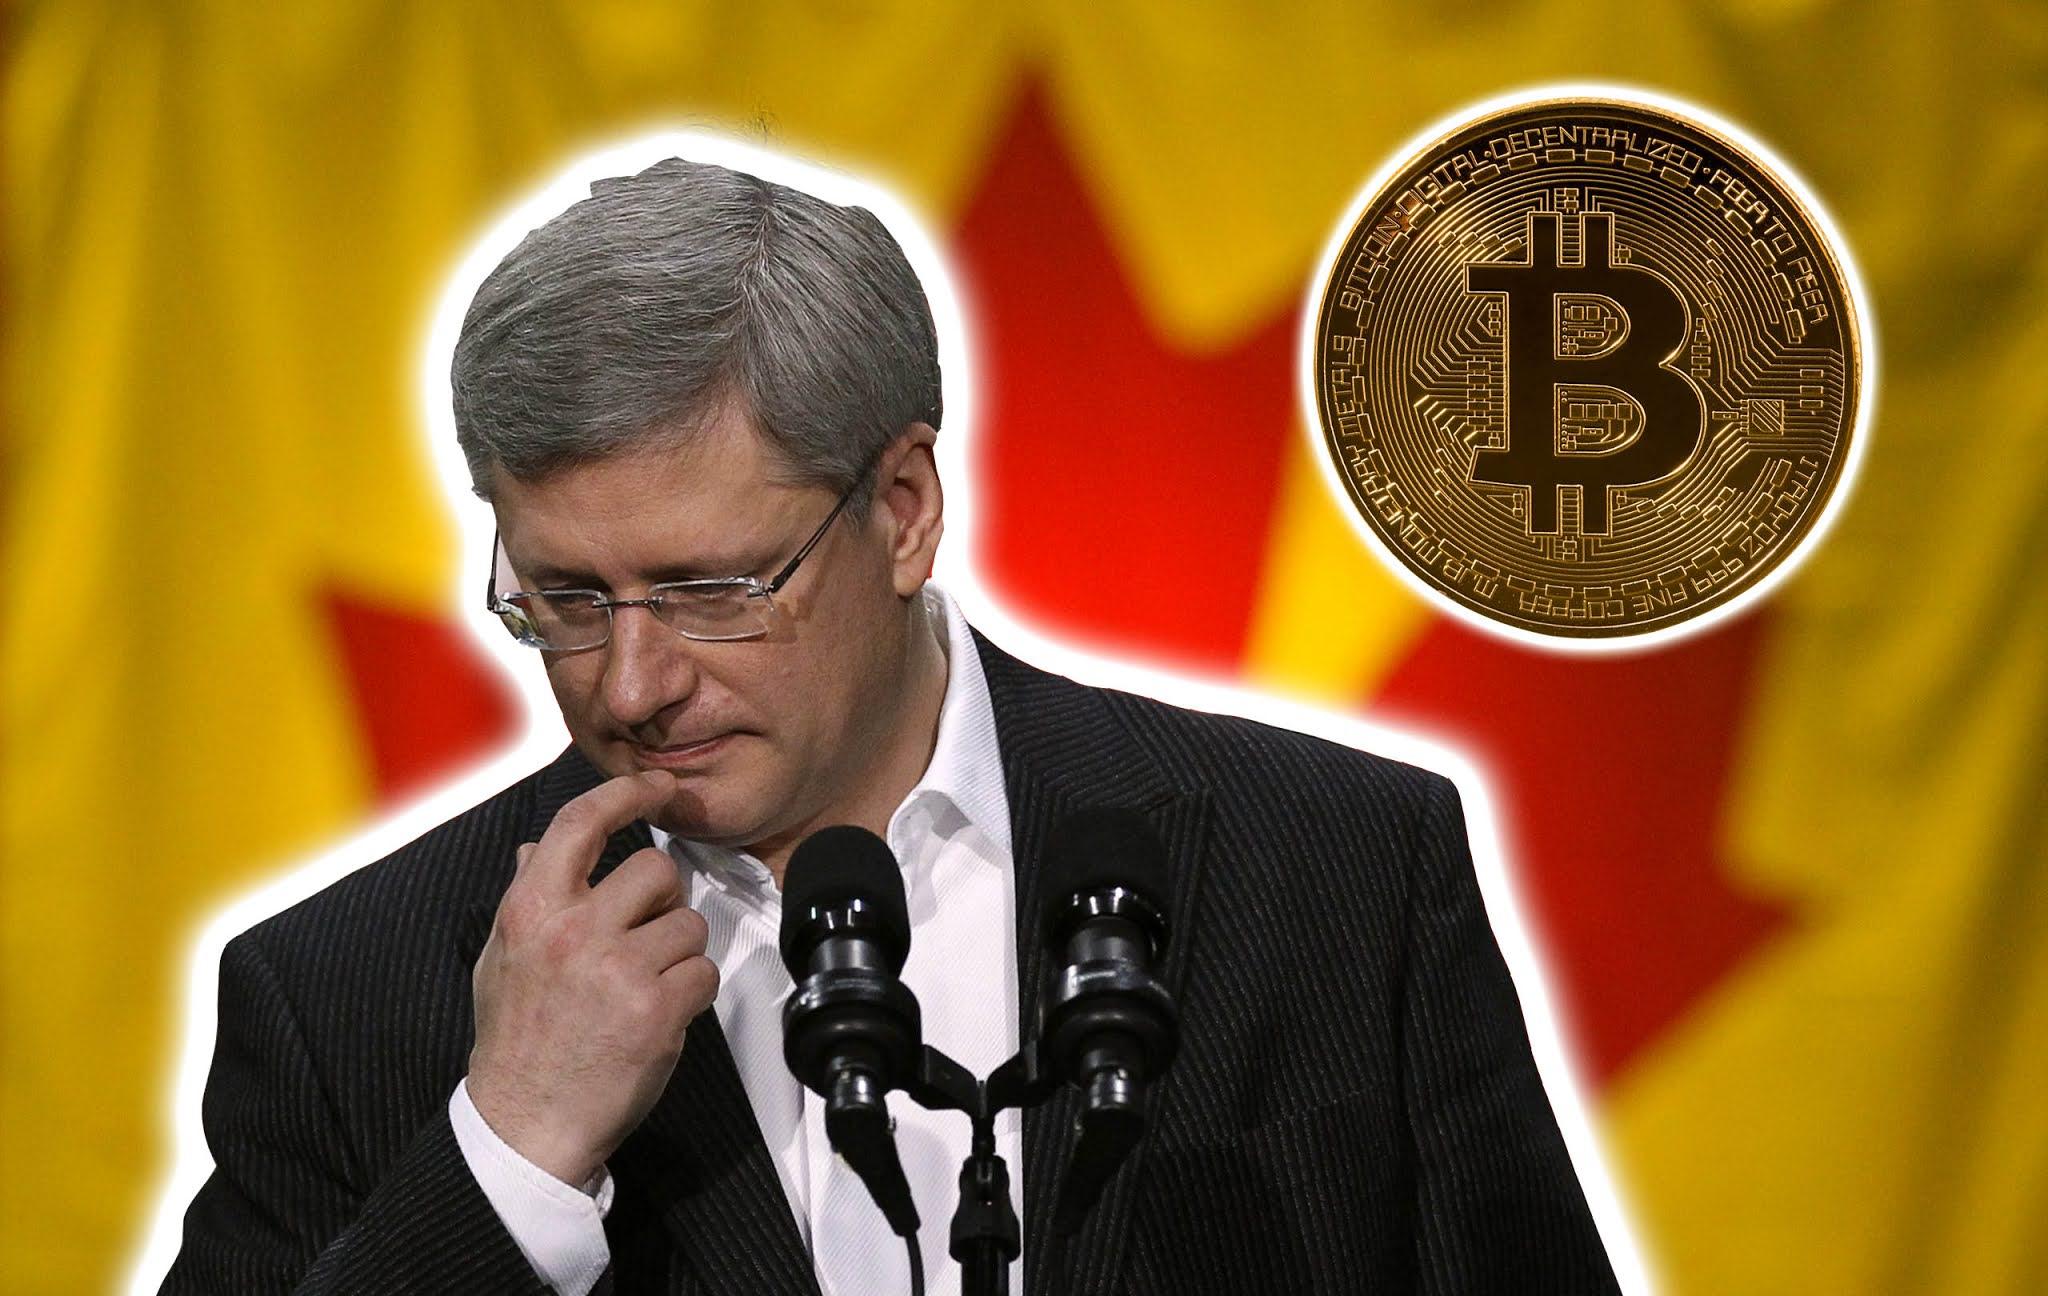 Kanada Eski Başkabakanı: Bitcoin Rezerv Para Birimi Olabilir